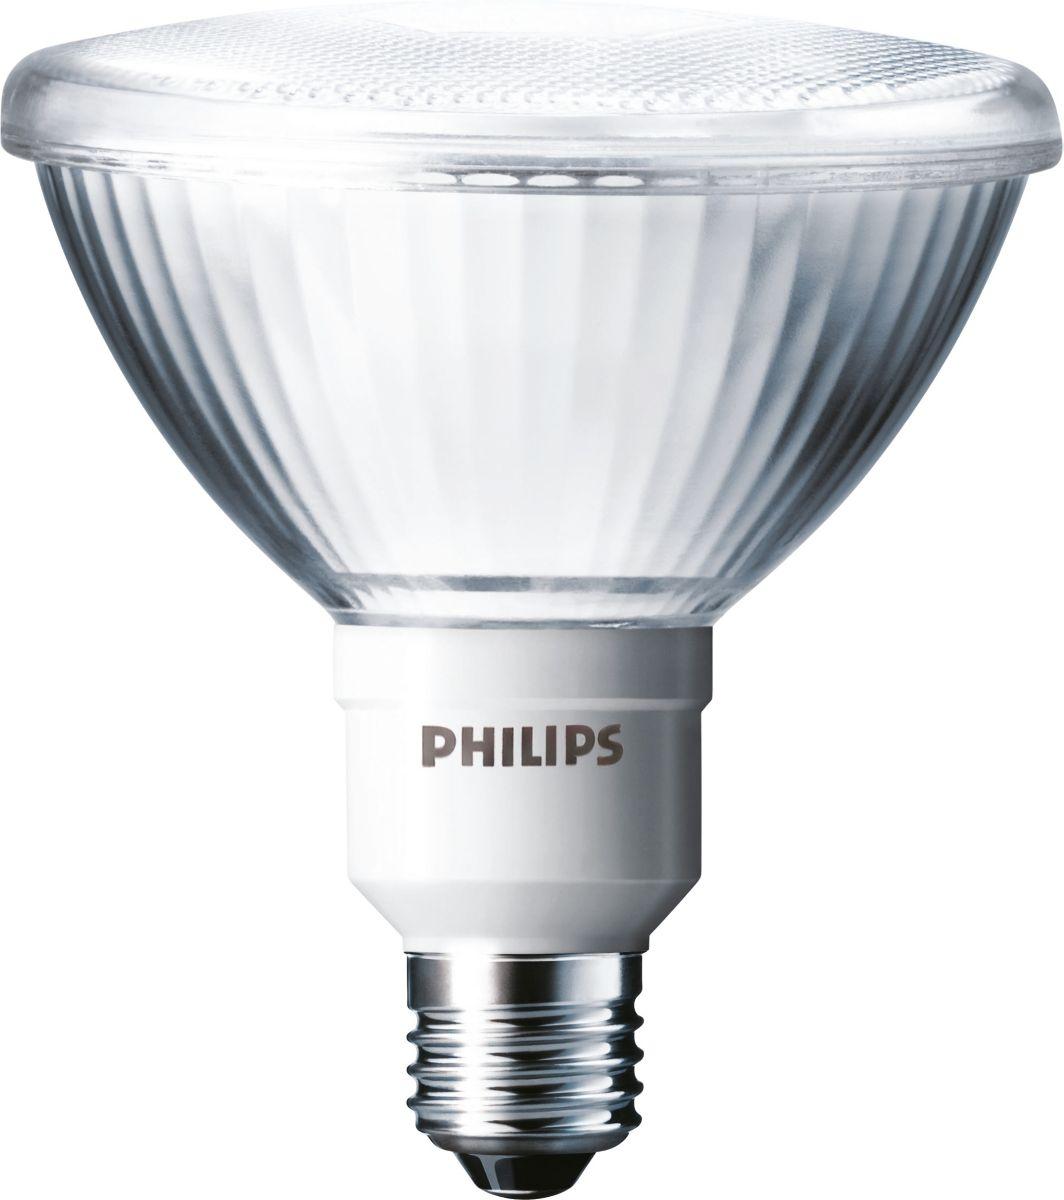 Par38 Es 18w Ww E27 220 240v 1ch 6 Downlighter Esaver Fluorescent Light Bulbs Diagram Lamp Eurolite 23w Has A Philips Lighting